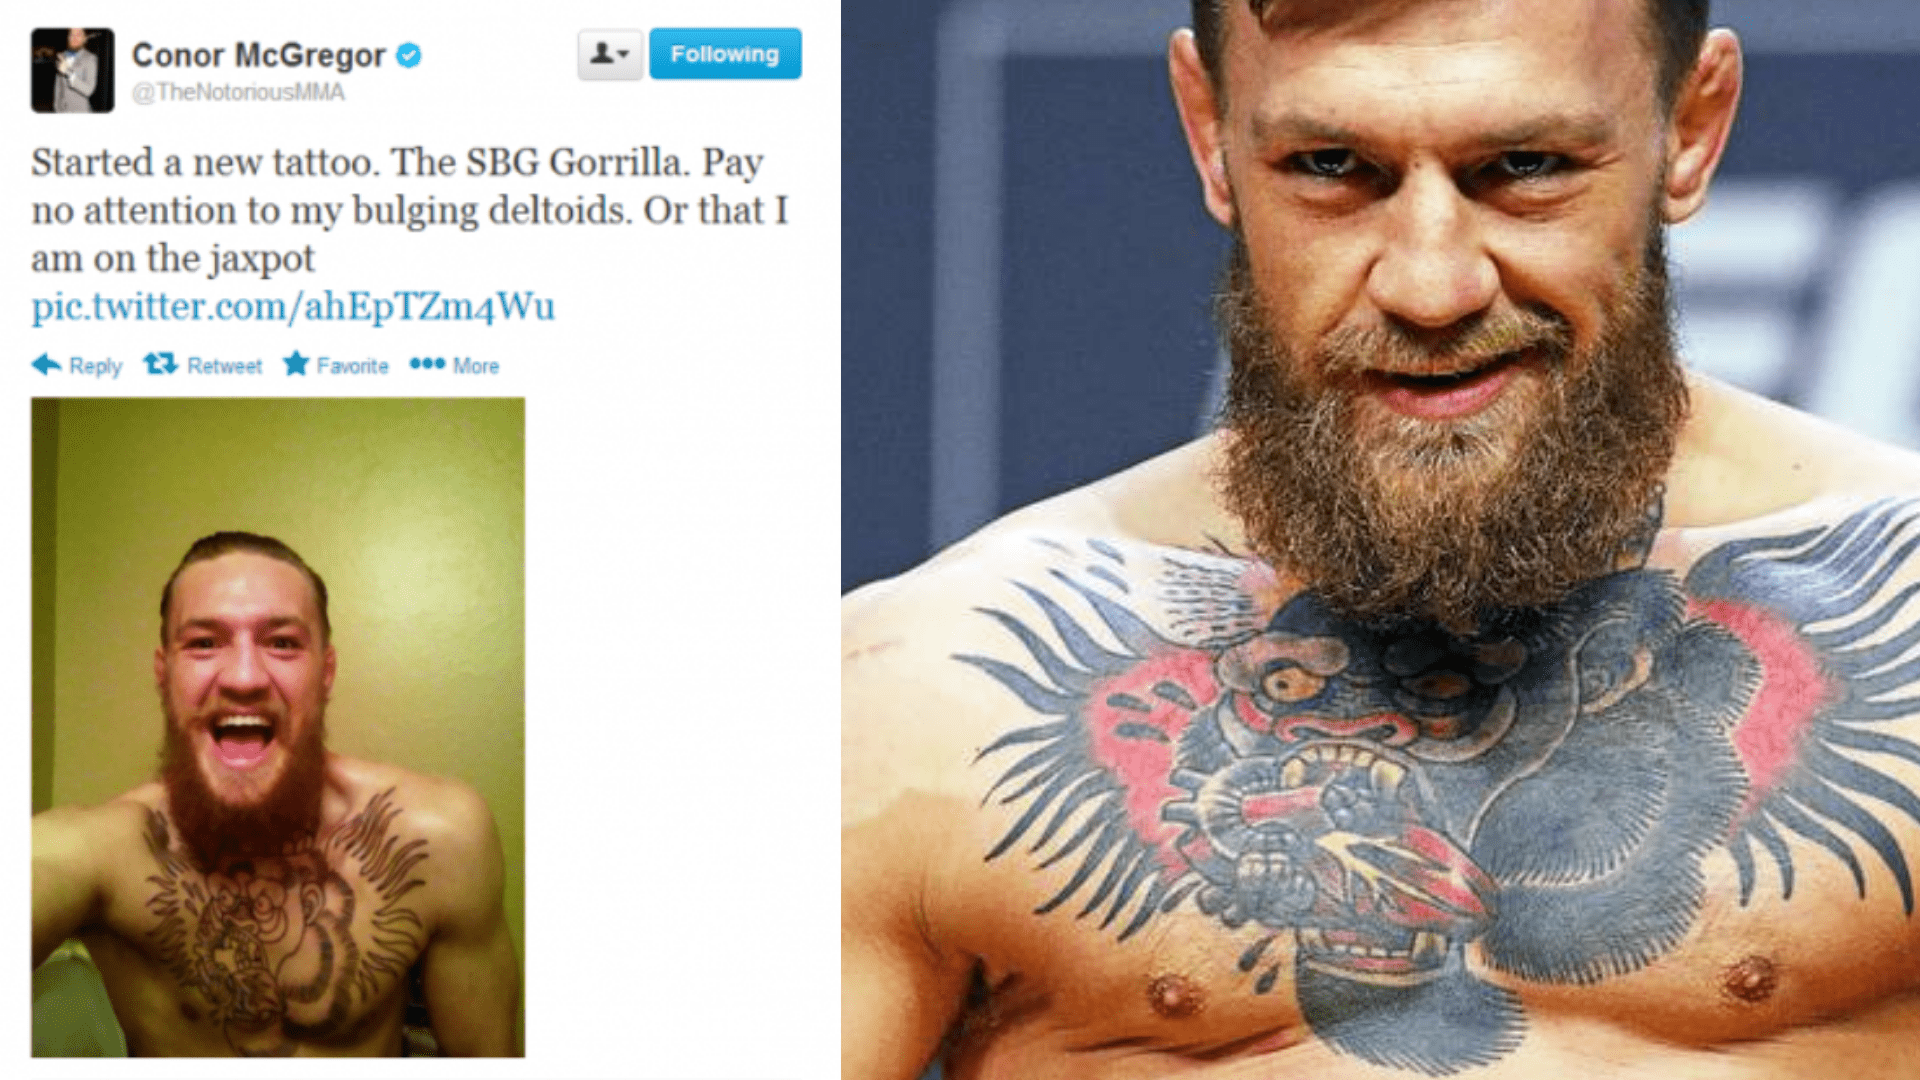 Conor McGregor's gorilla tattoo